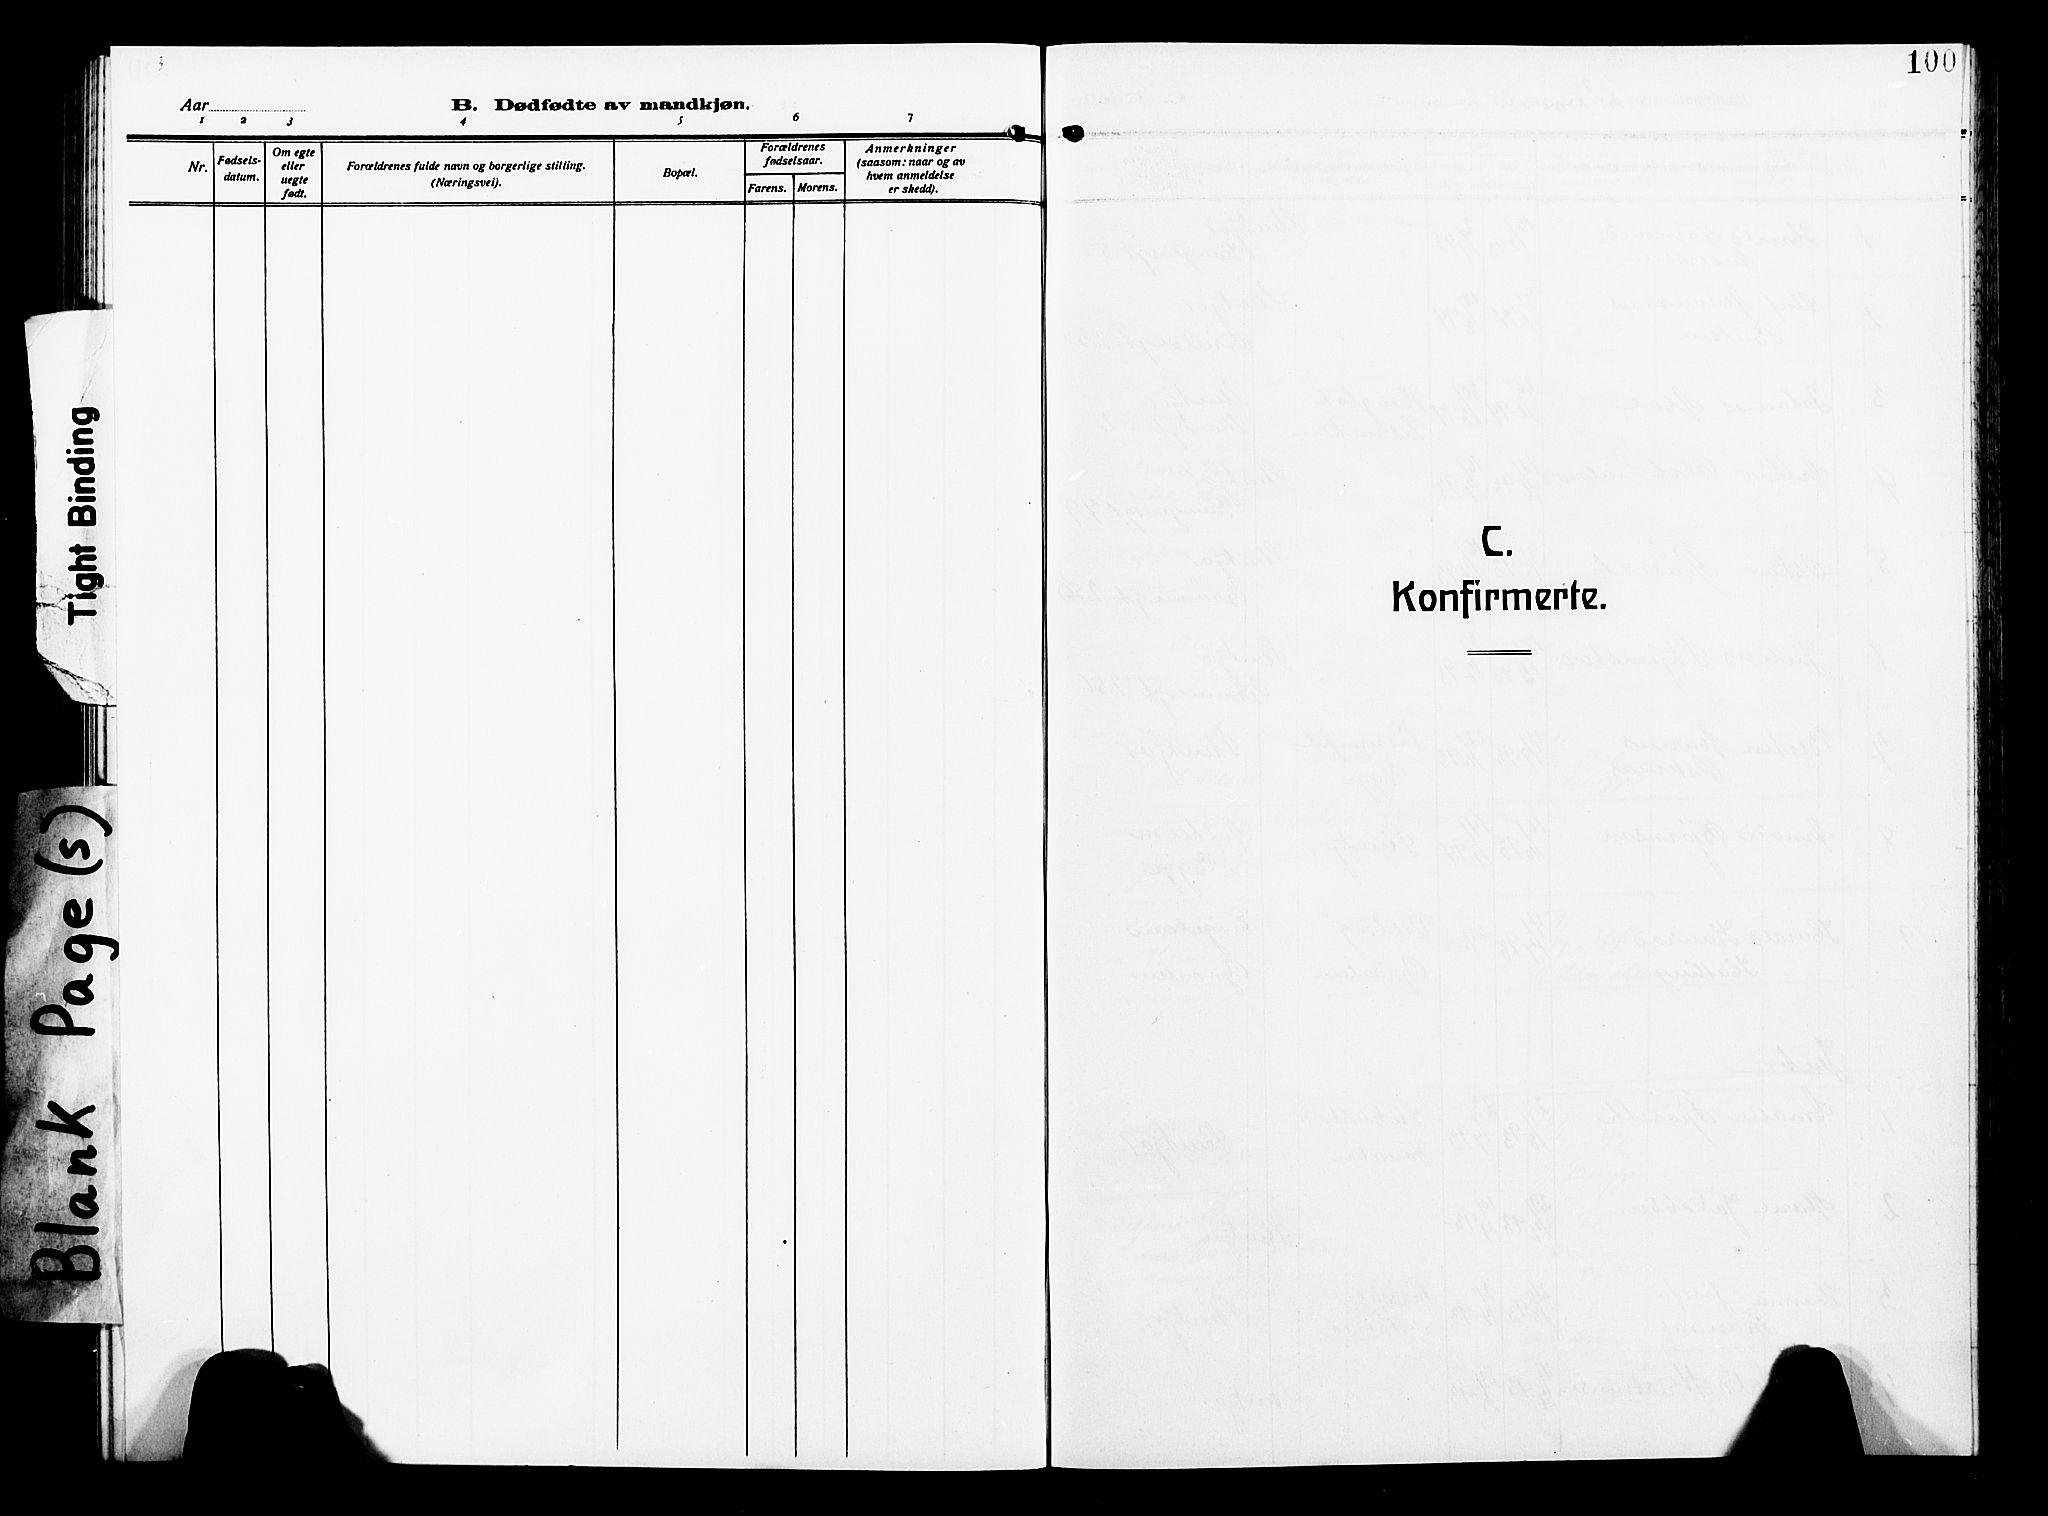 SAT, Ministerialprotokoller, klokkerbøker og fødselsregistre - Nord-Trøndelag, 739/L0376: Klokkerbok nr. 739C04, 1908-1917, s. 100